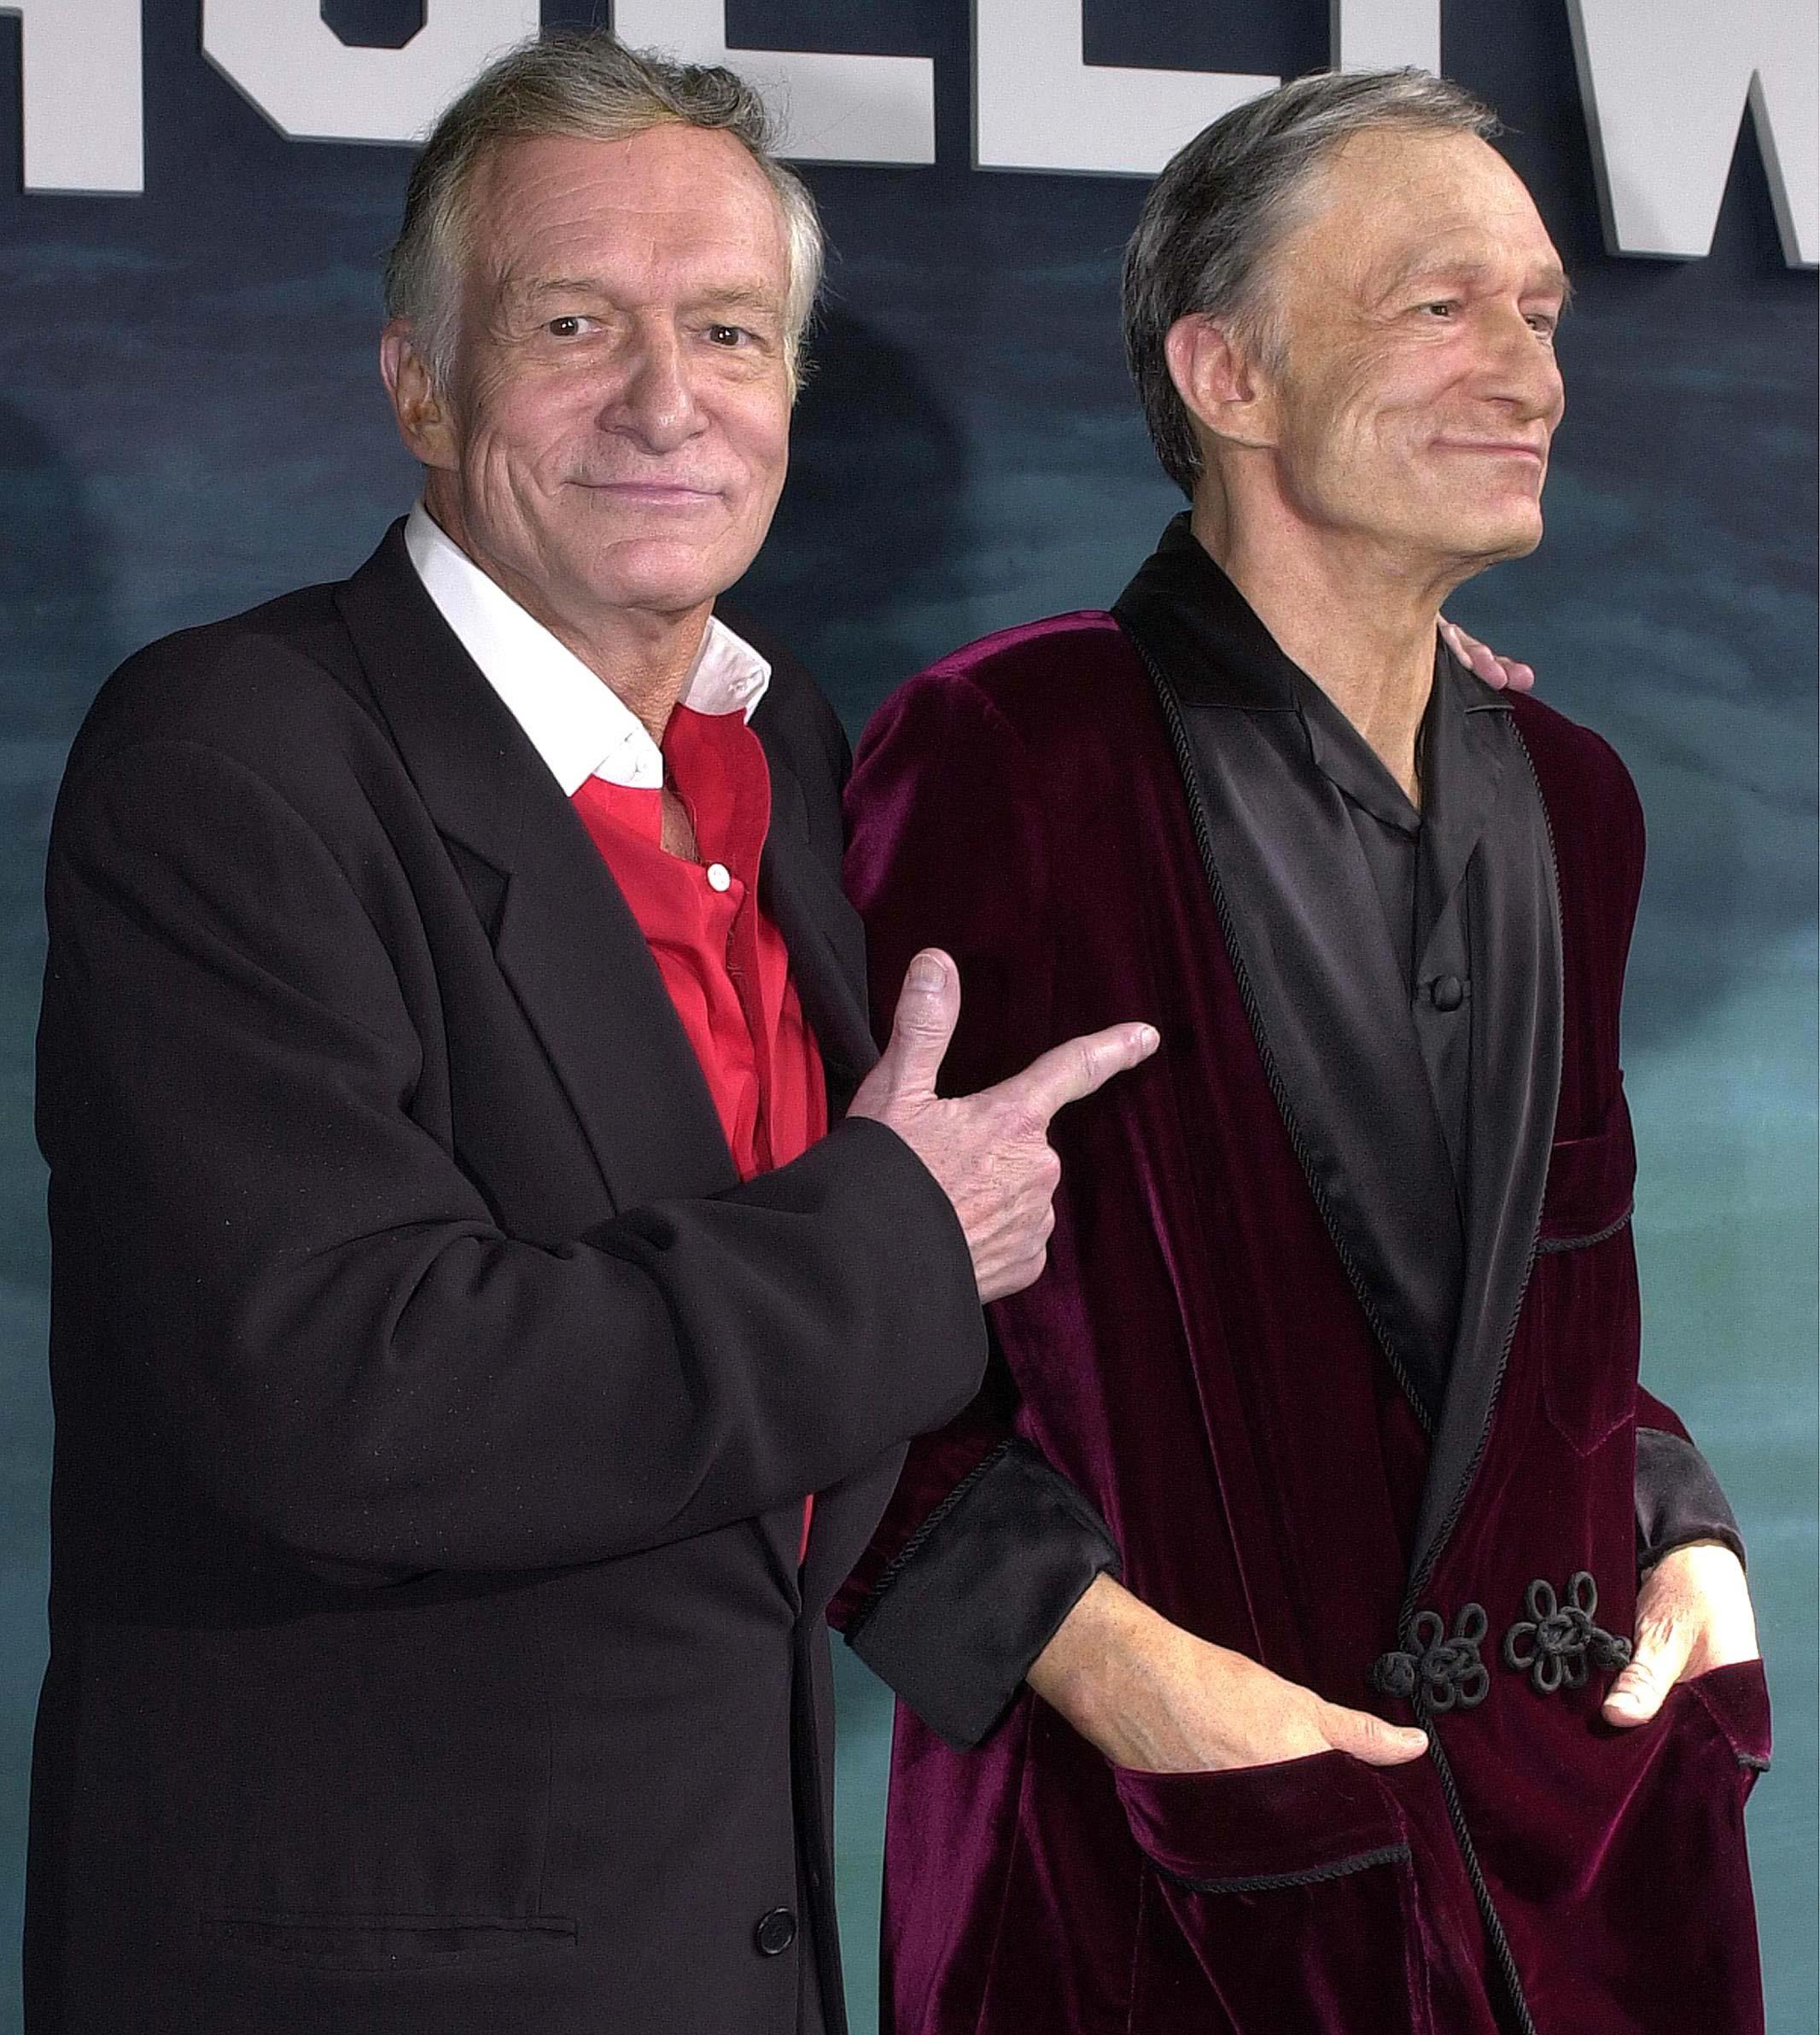 Hugh Hefner at the Hollywood Wax Musuem